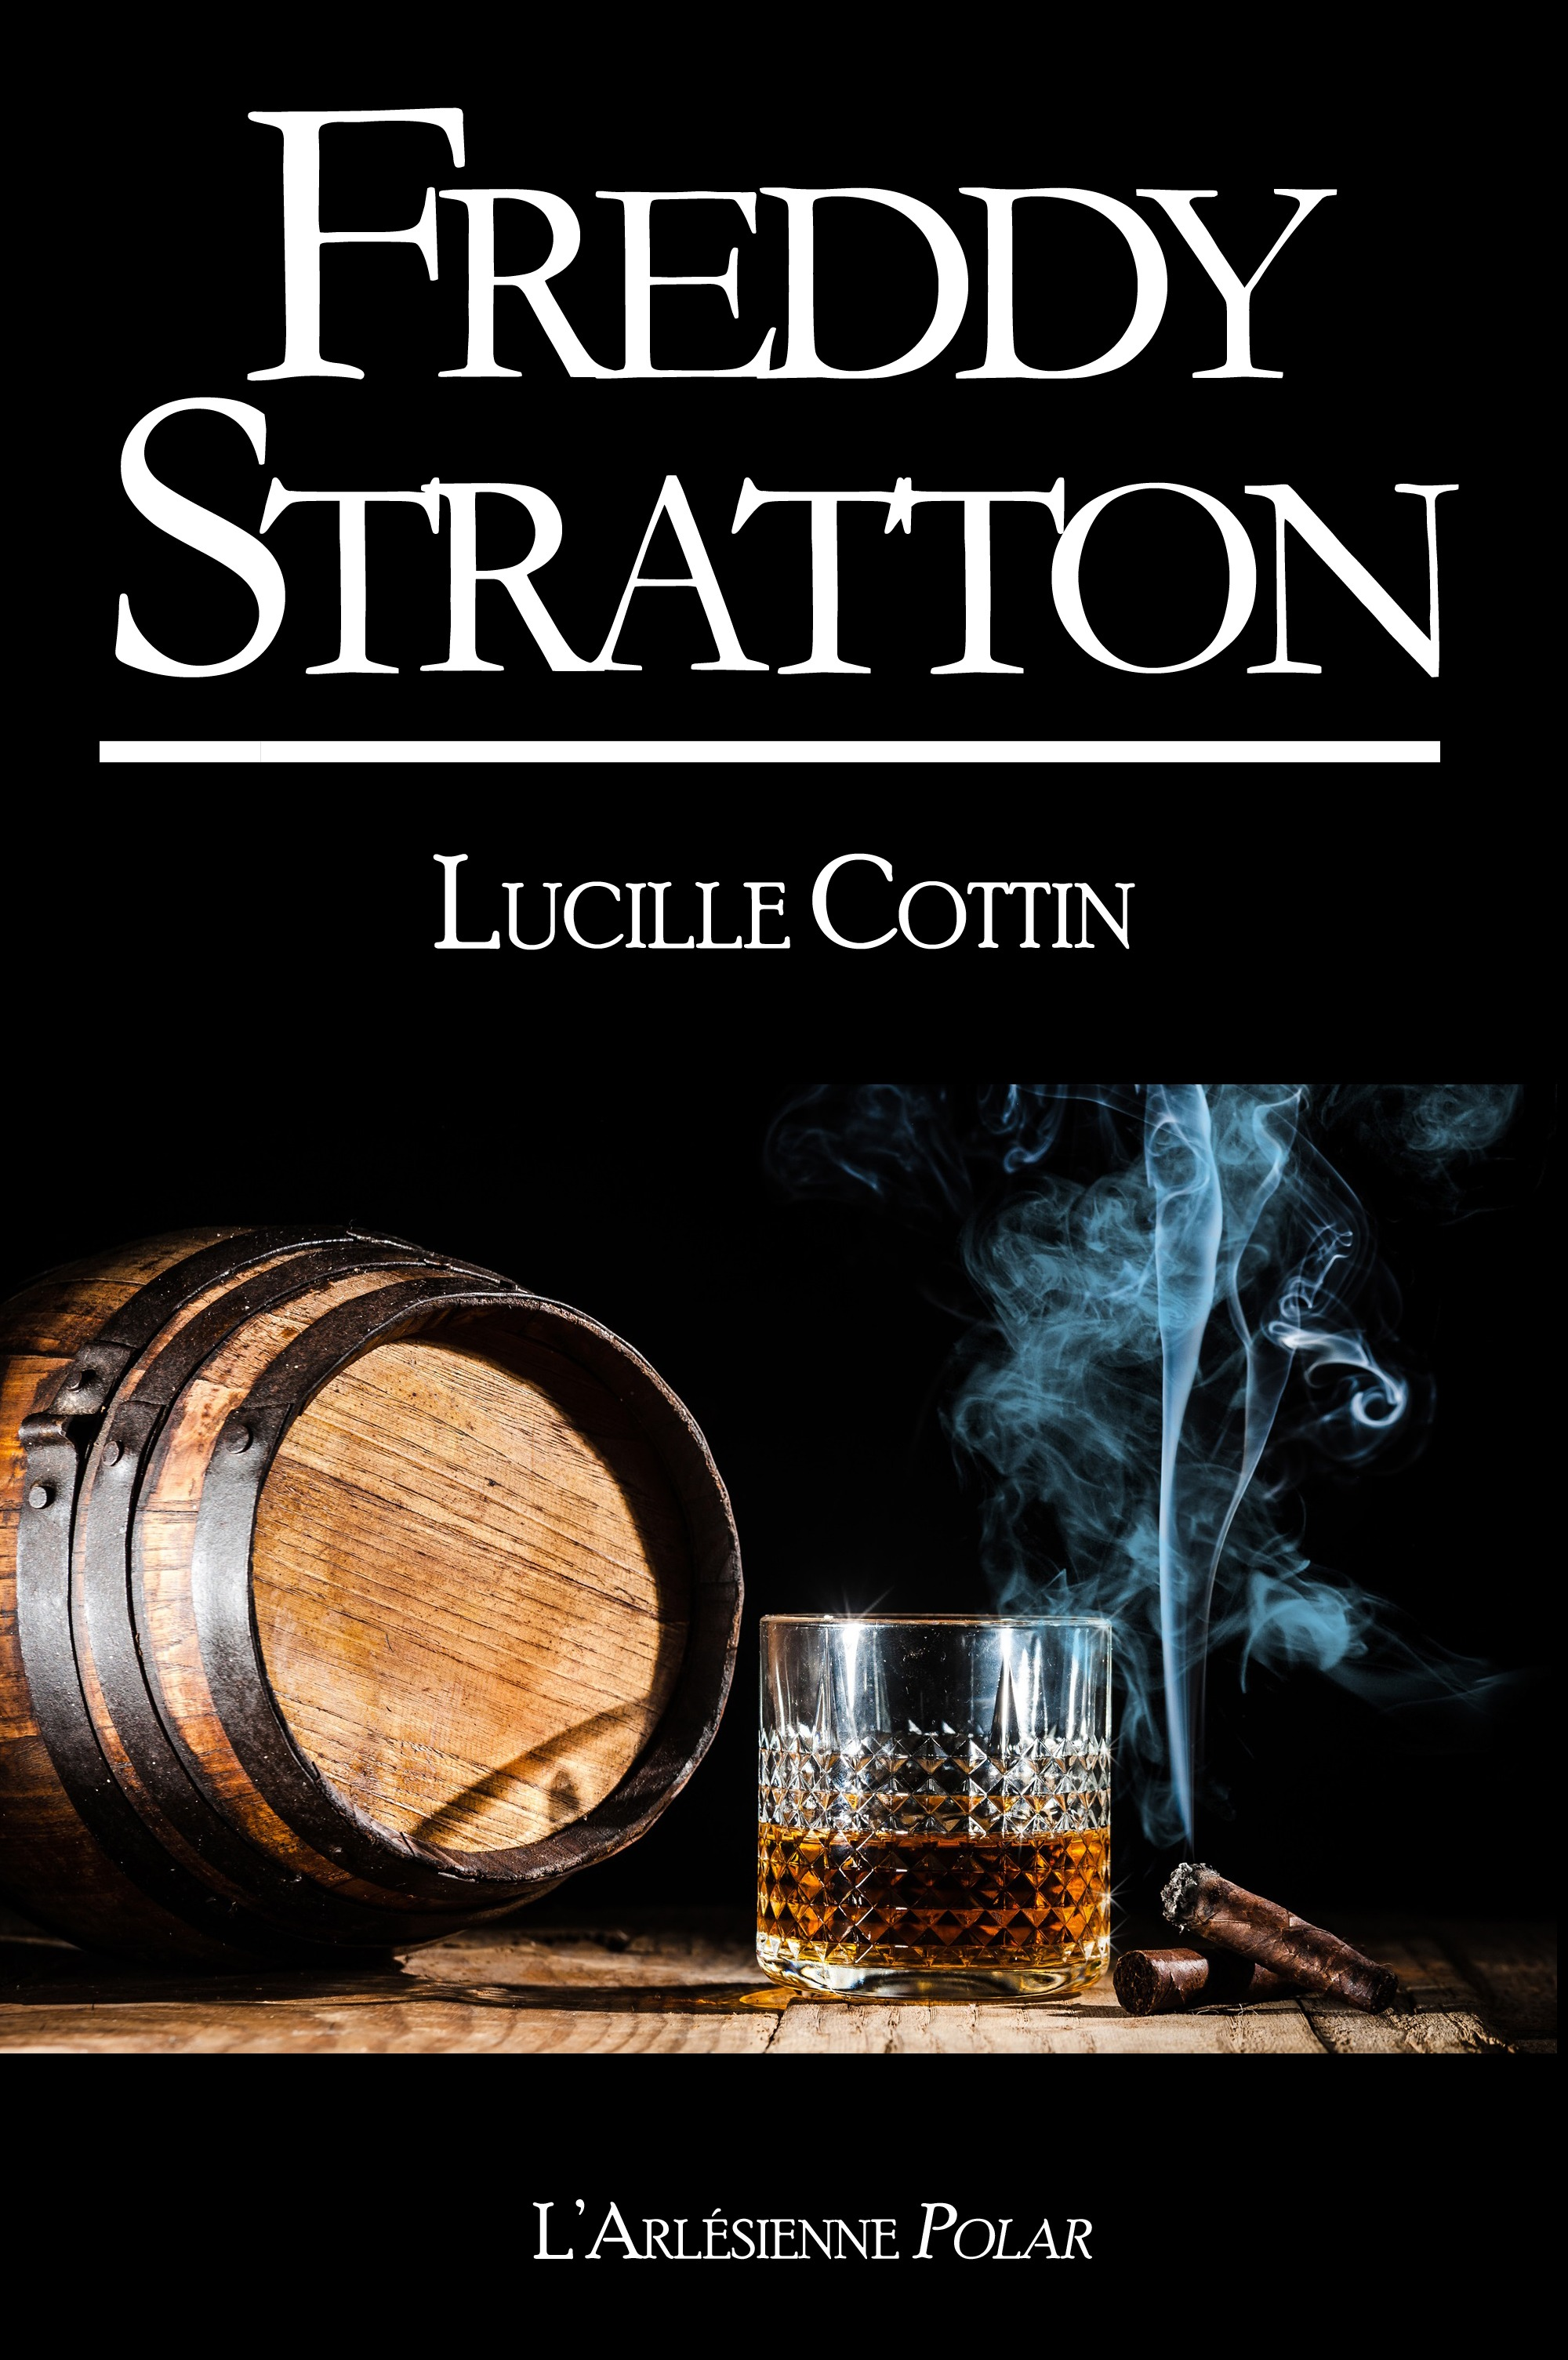 Freddy Stratton, RECUEIL DE 3 NOVELLAS, ÉDITION NOIRE